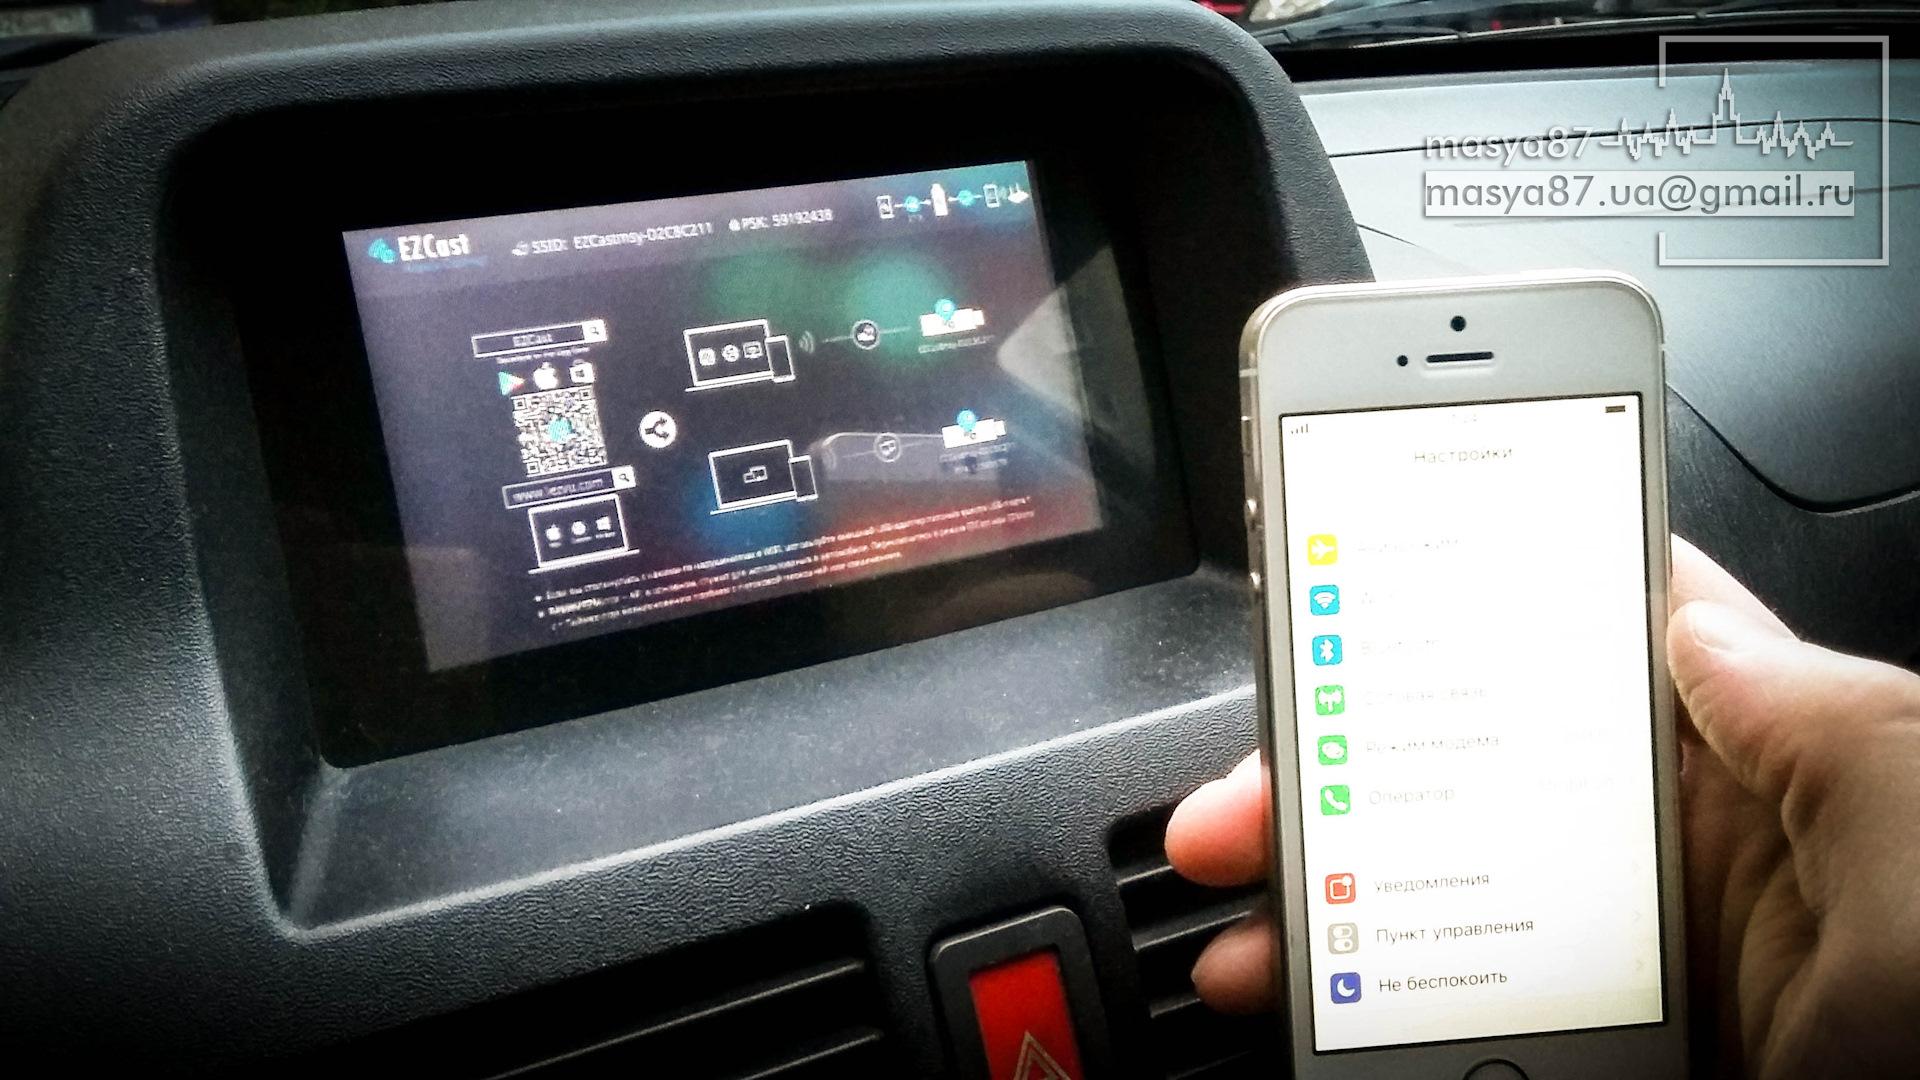 как вывести картинку на цветной дисплей машины должно быть